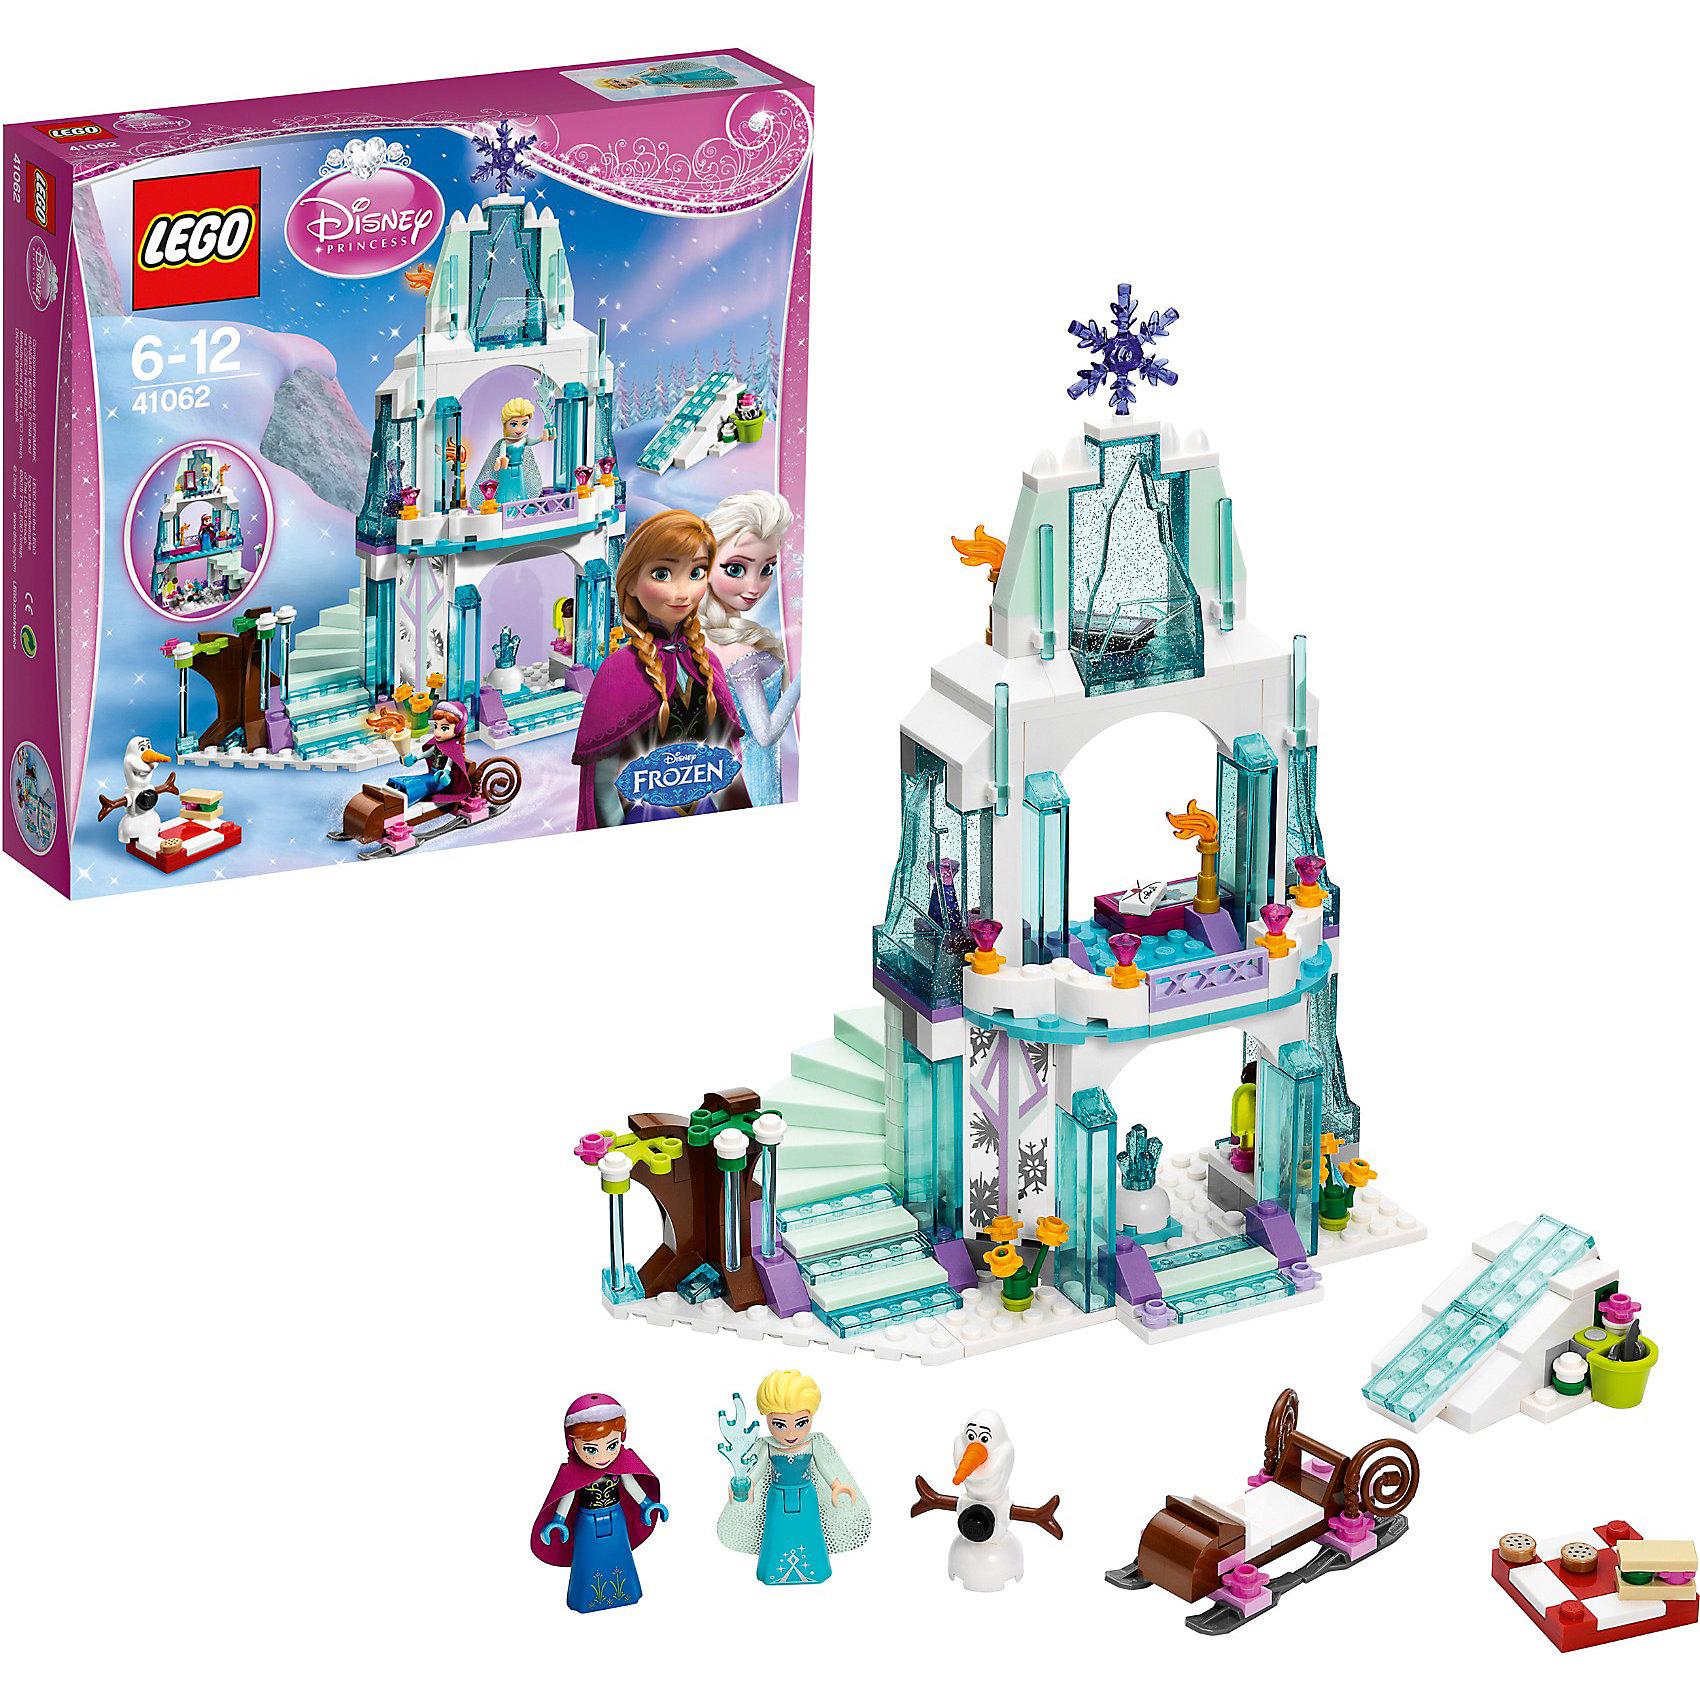 LEGO LEGO Disney Princesses 41062: Ледяной замок Эльзы lego disney princess 41150 лего принцессы путешествие моаны через океан